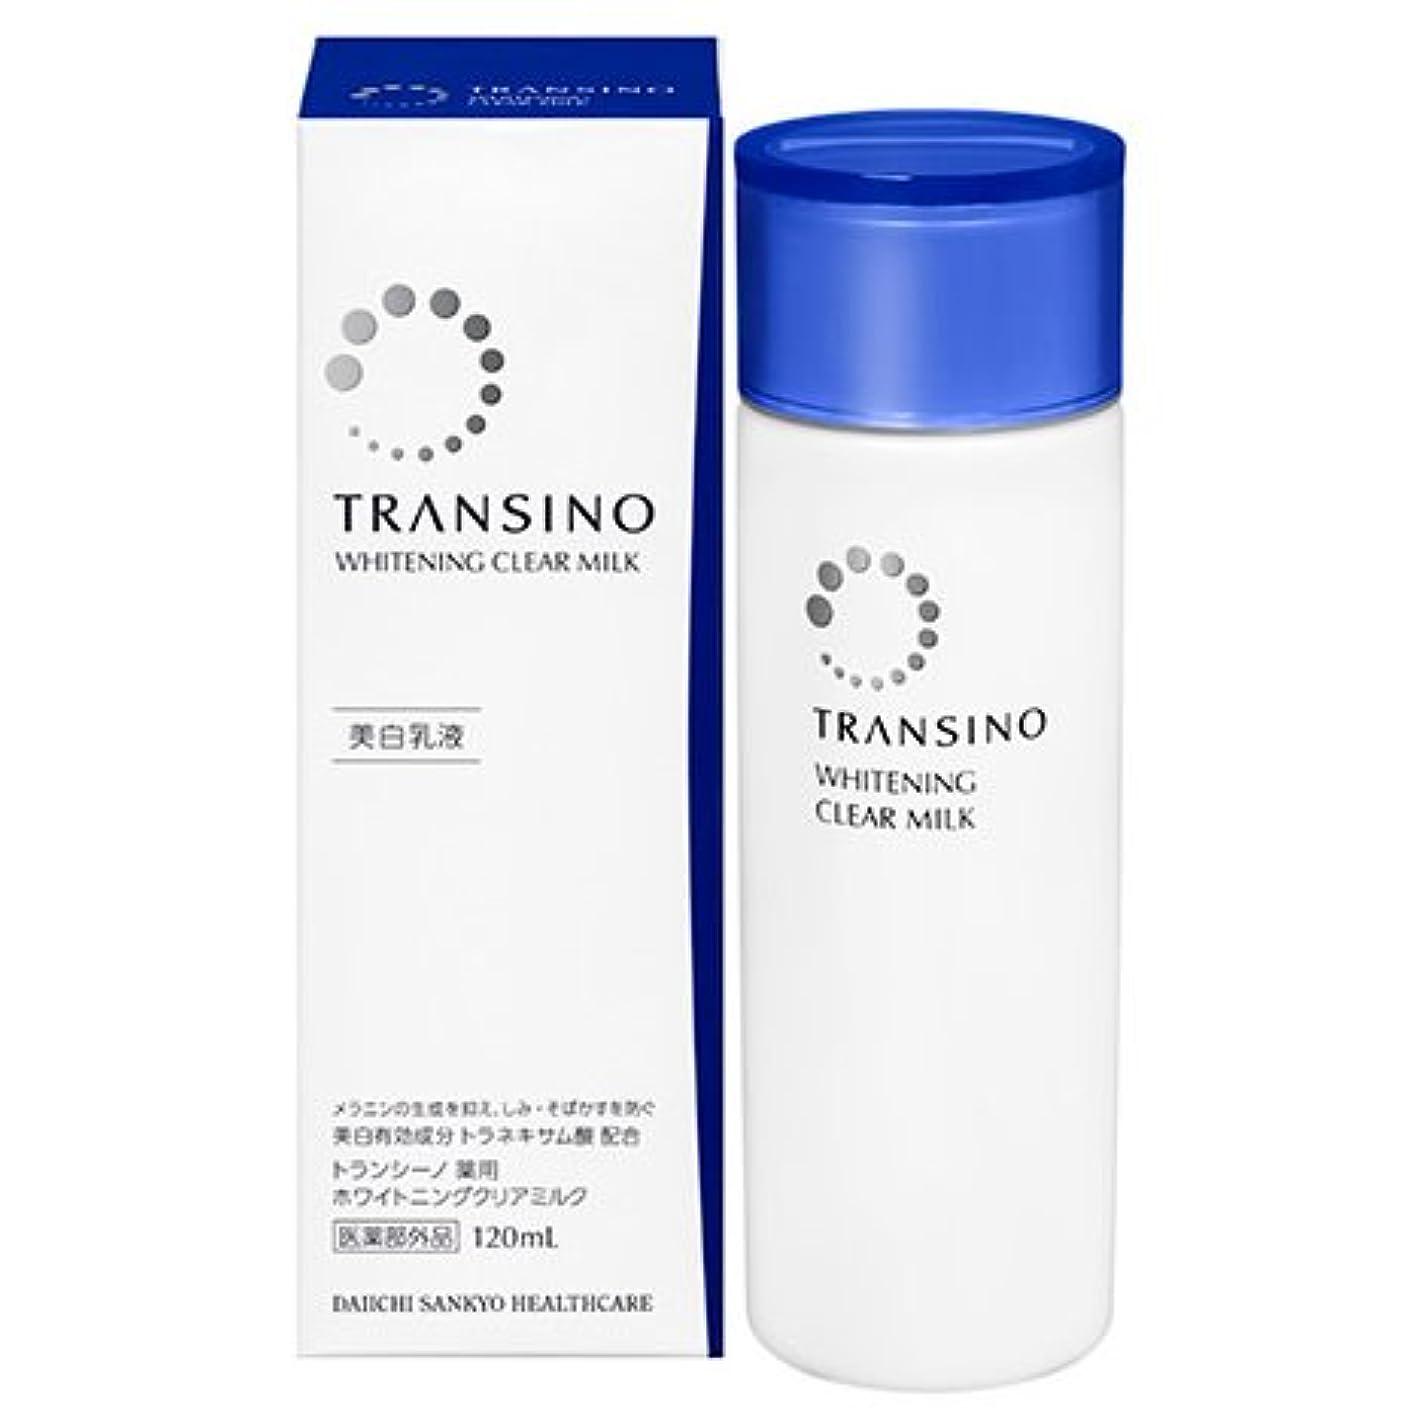 上陸合図検出可能トランシーノ 薬用ホワイトニングクリアミルク 120ml [並行輸入品]